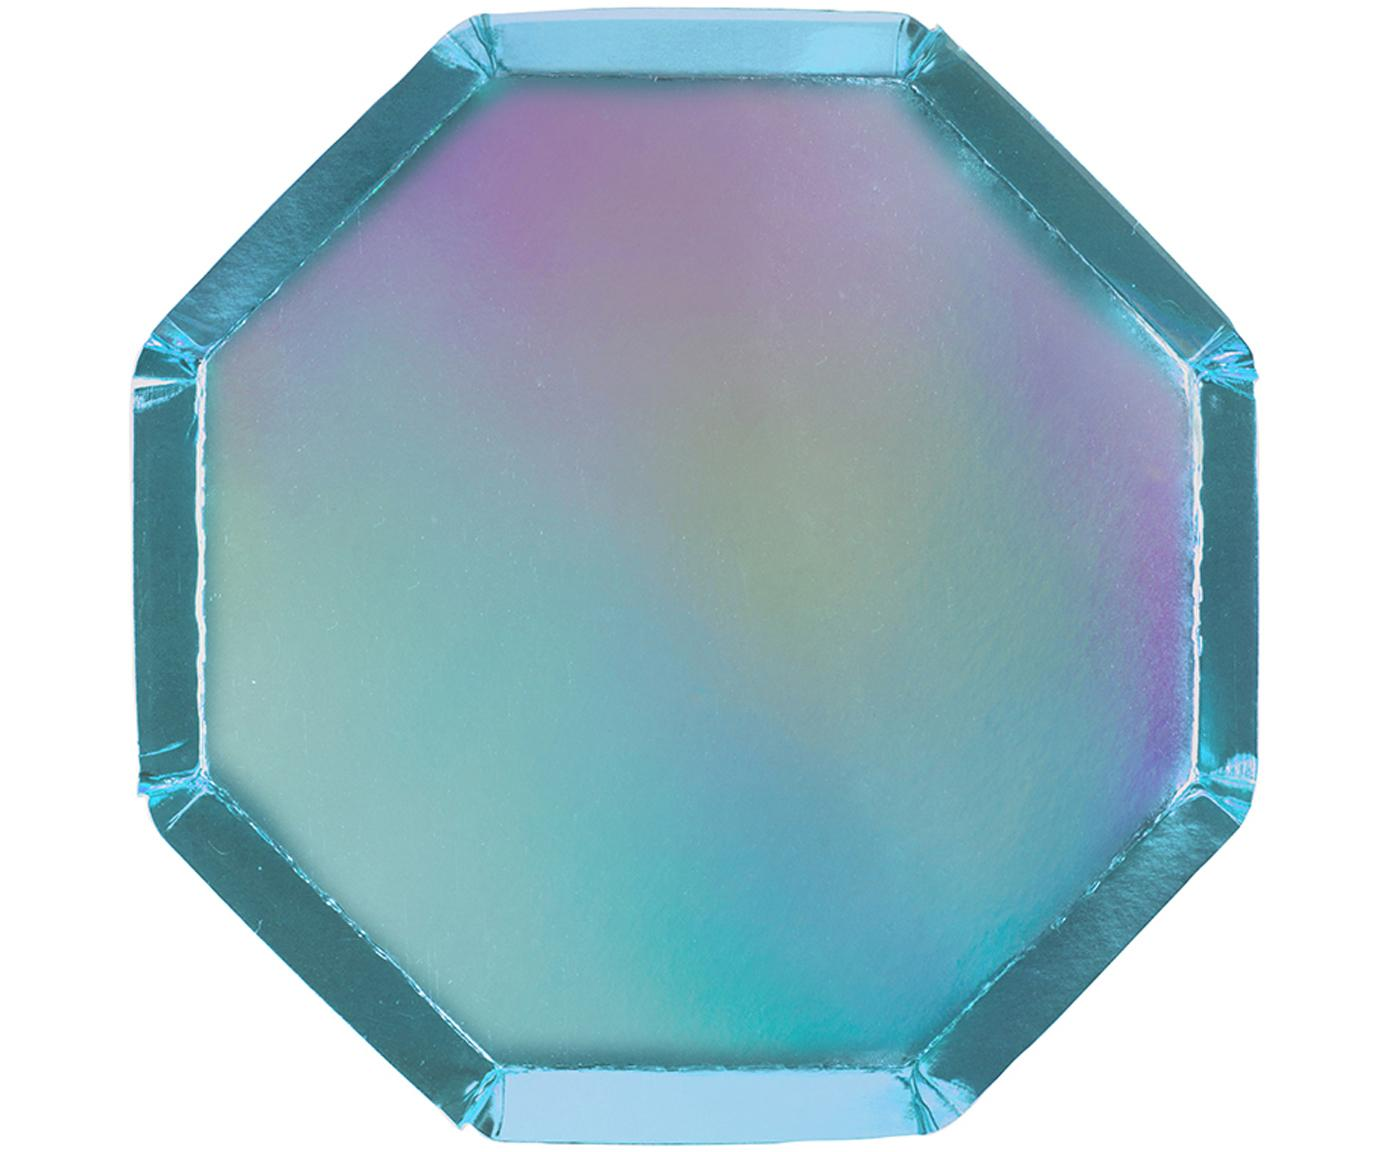 Papieren borden Metallic, 8 stuks, Gecoat papier, Blauw, Ø 20 x H 1 cm